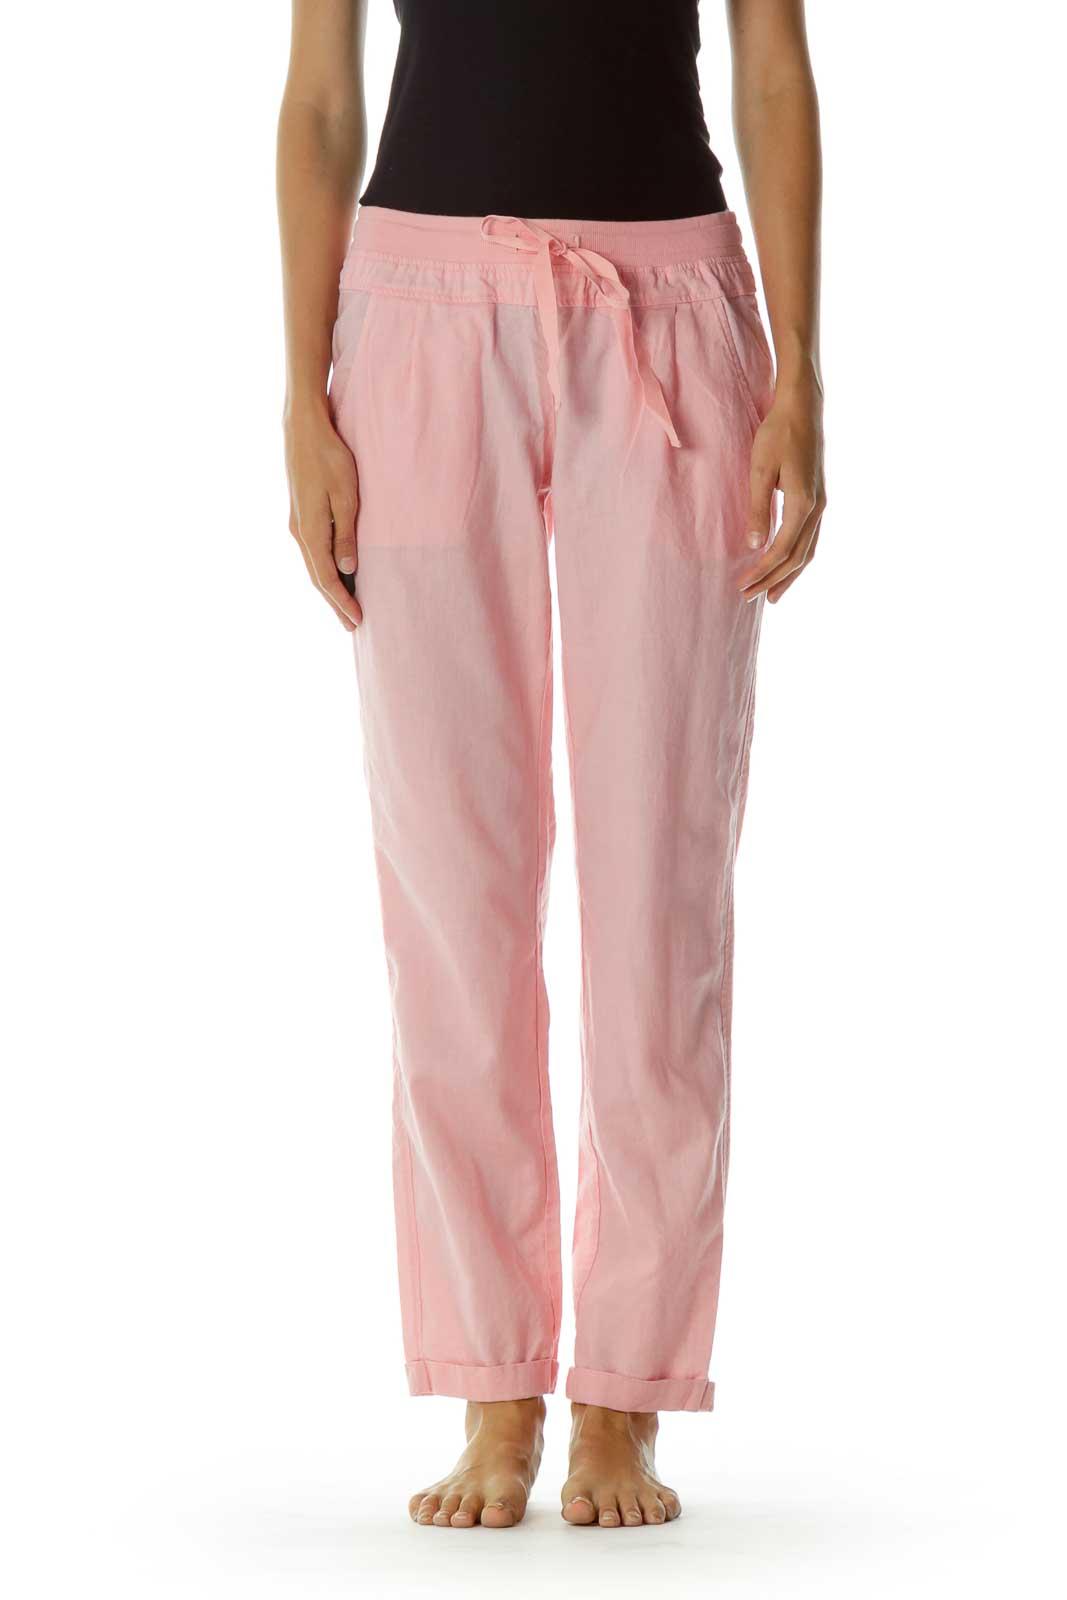 Pink Pocketed Drawstring Capri pants Front